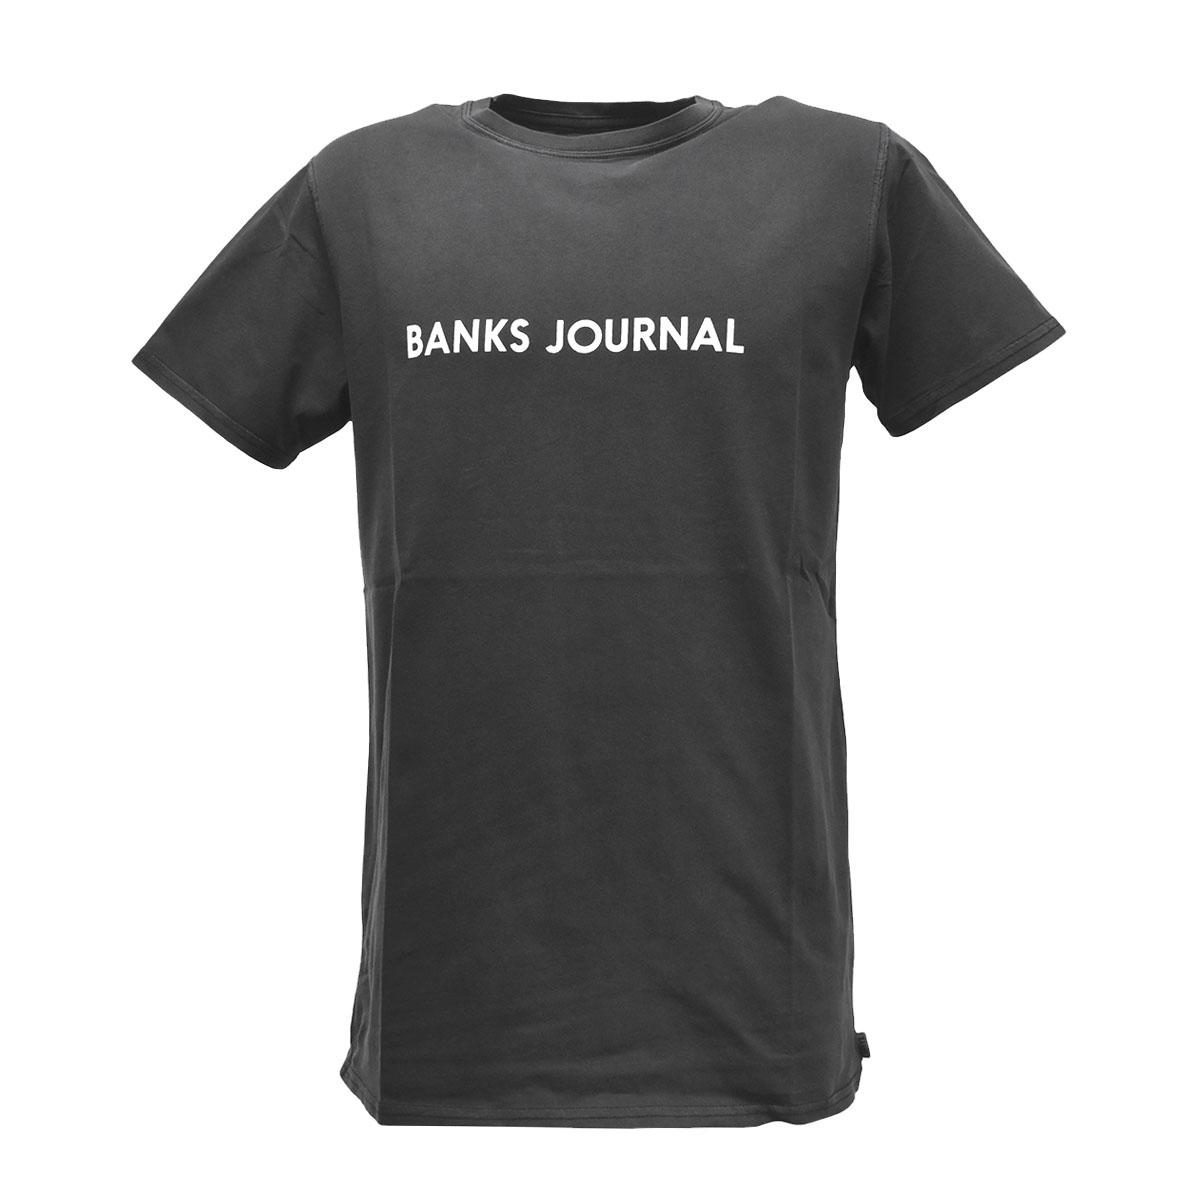 トップス, Tシャツ・カットソー  BANKS JOURNAL T WTS0513 LABEL STAPLE CLASSIC TEE S